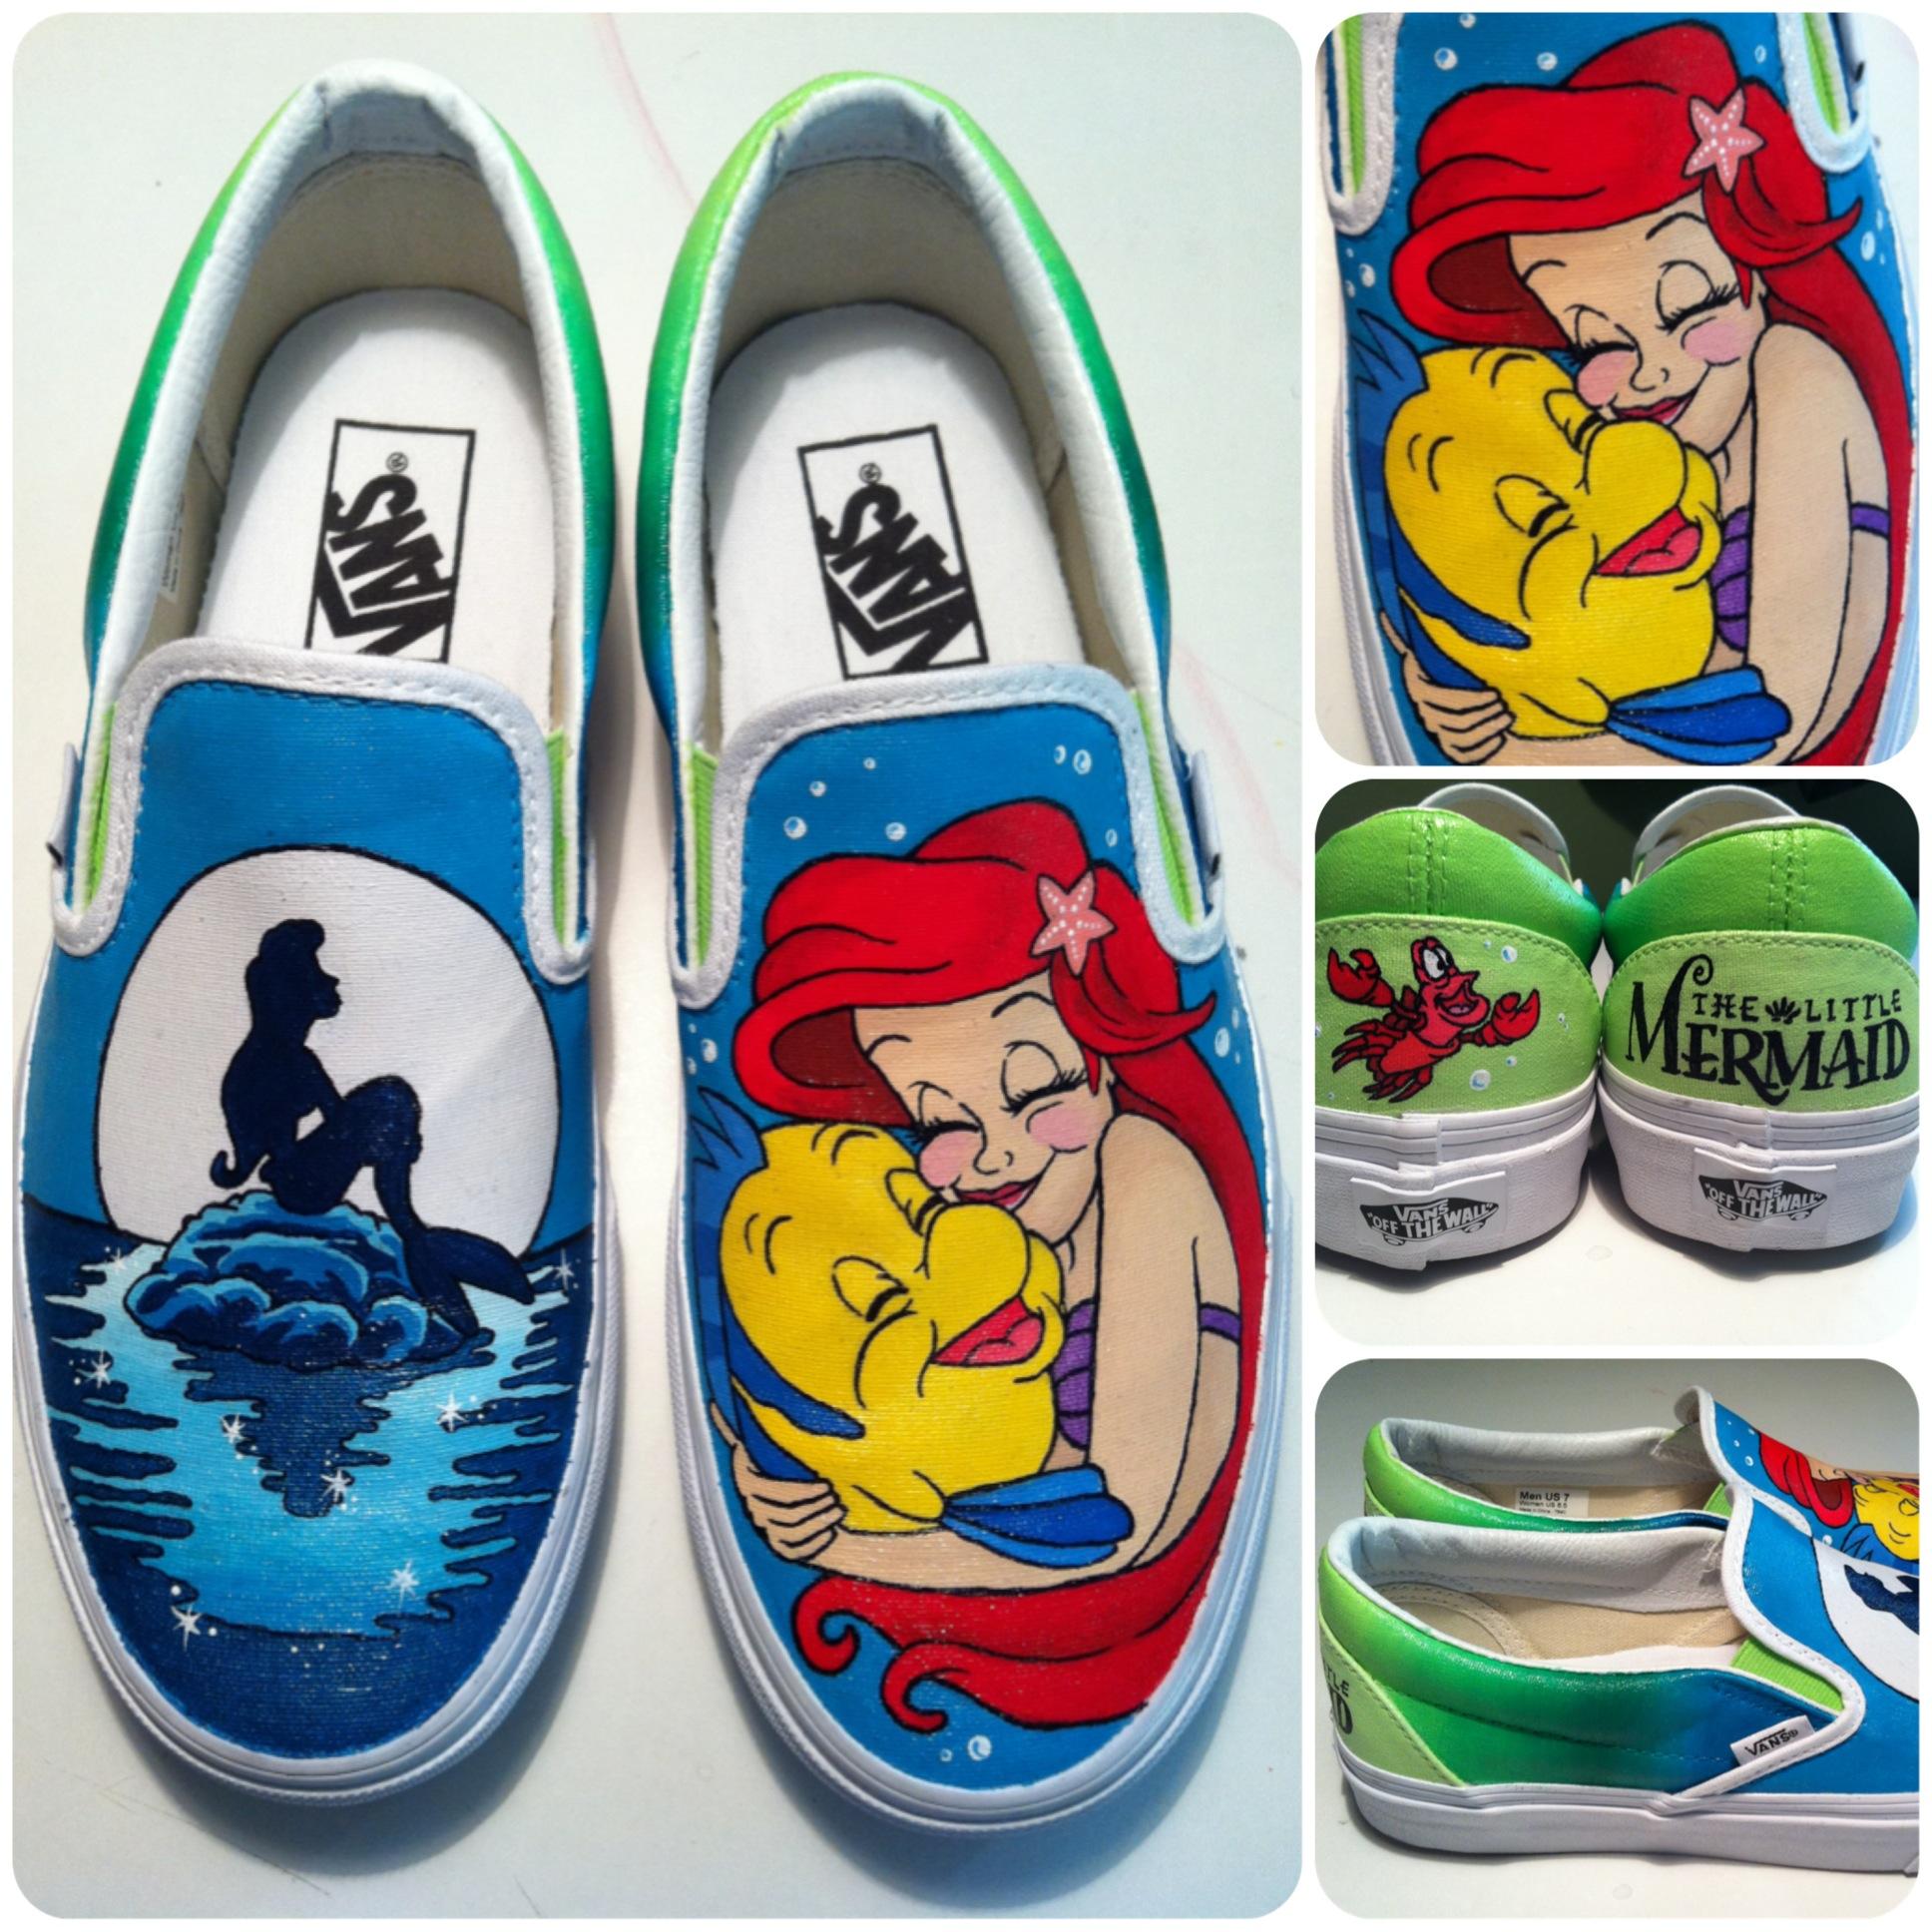 e1b0e00728673 The little mermaid vans shoes : Homewood suites special code